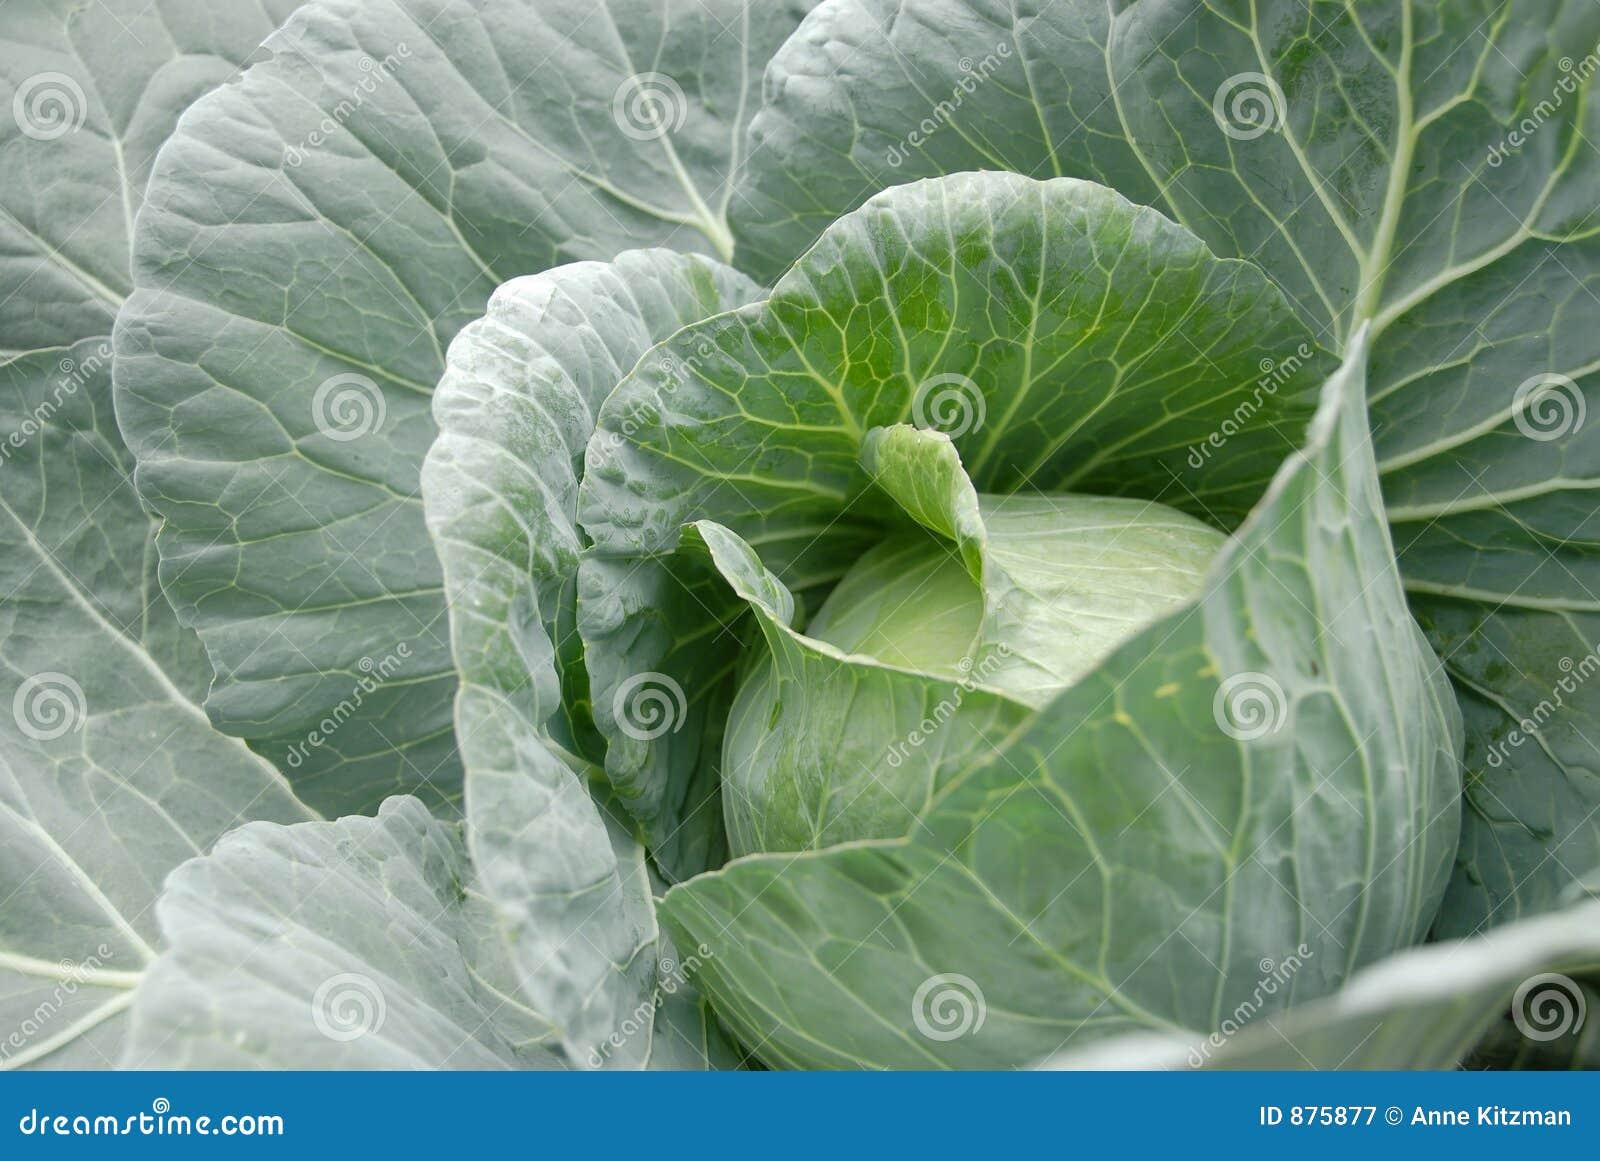 Główny warzyw kapustę